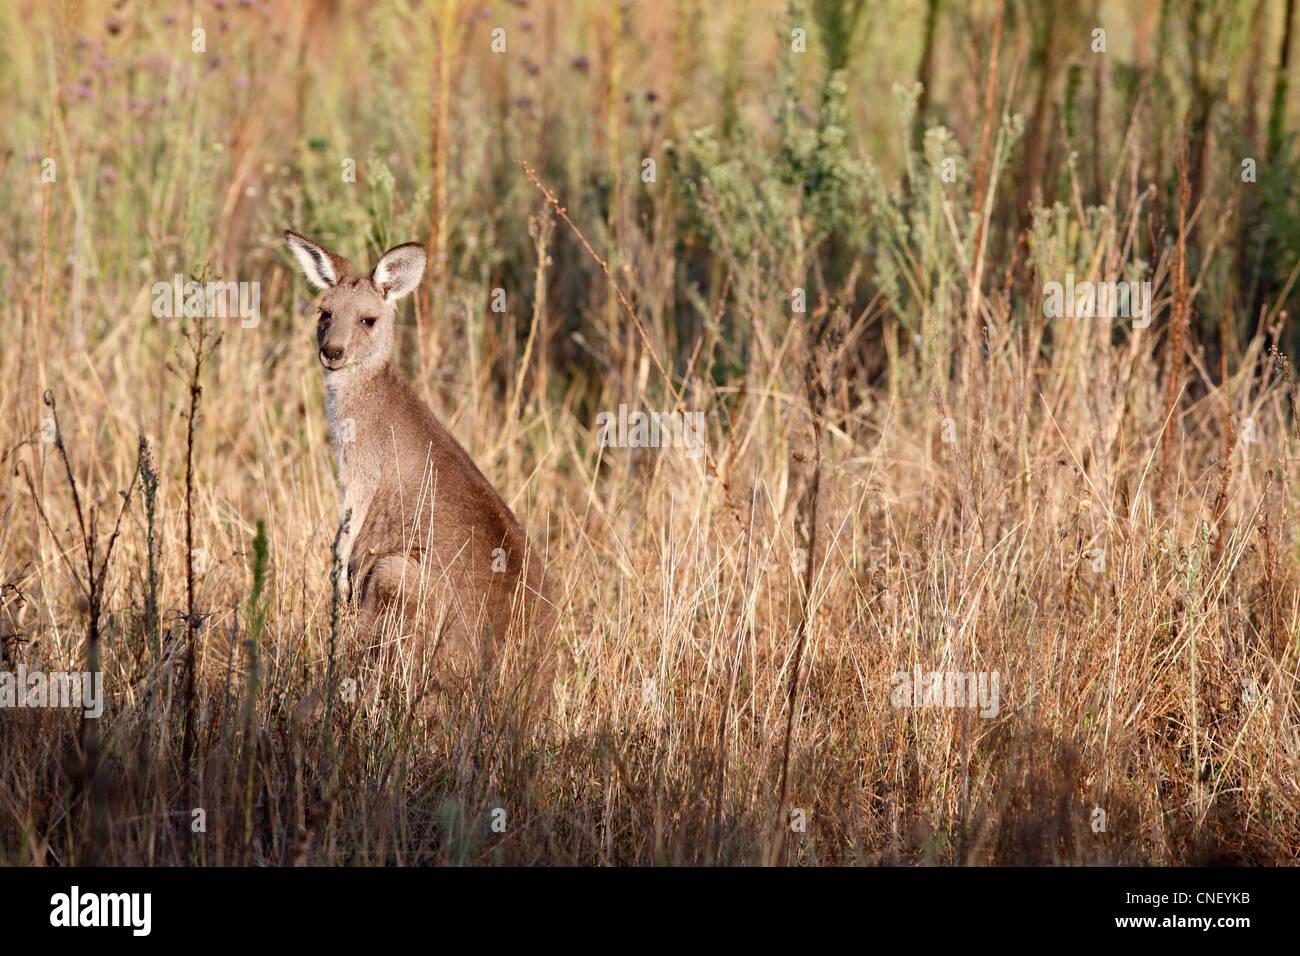 eastern-grey-kangaroo-macropus-giganteus-camouflaged-in-long-grass-CNEYKB.jpg